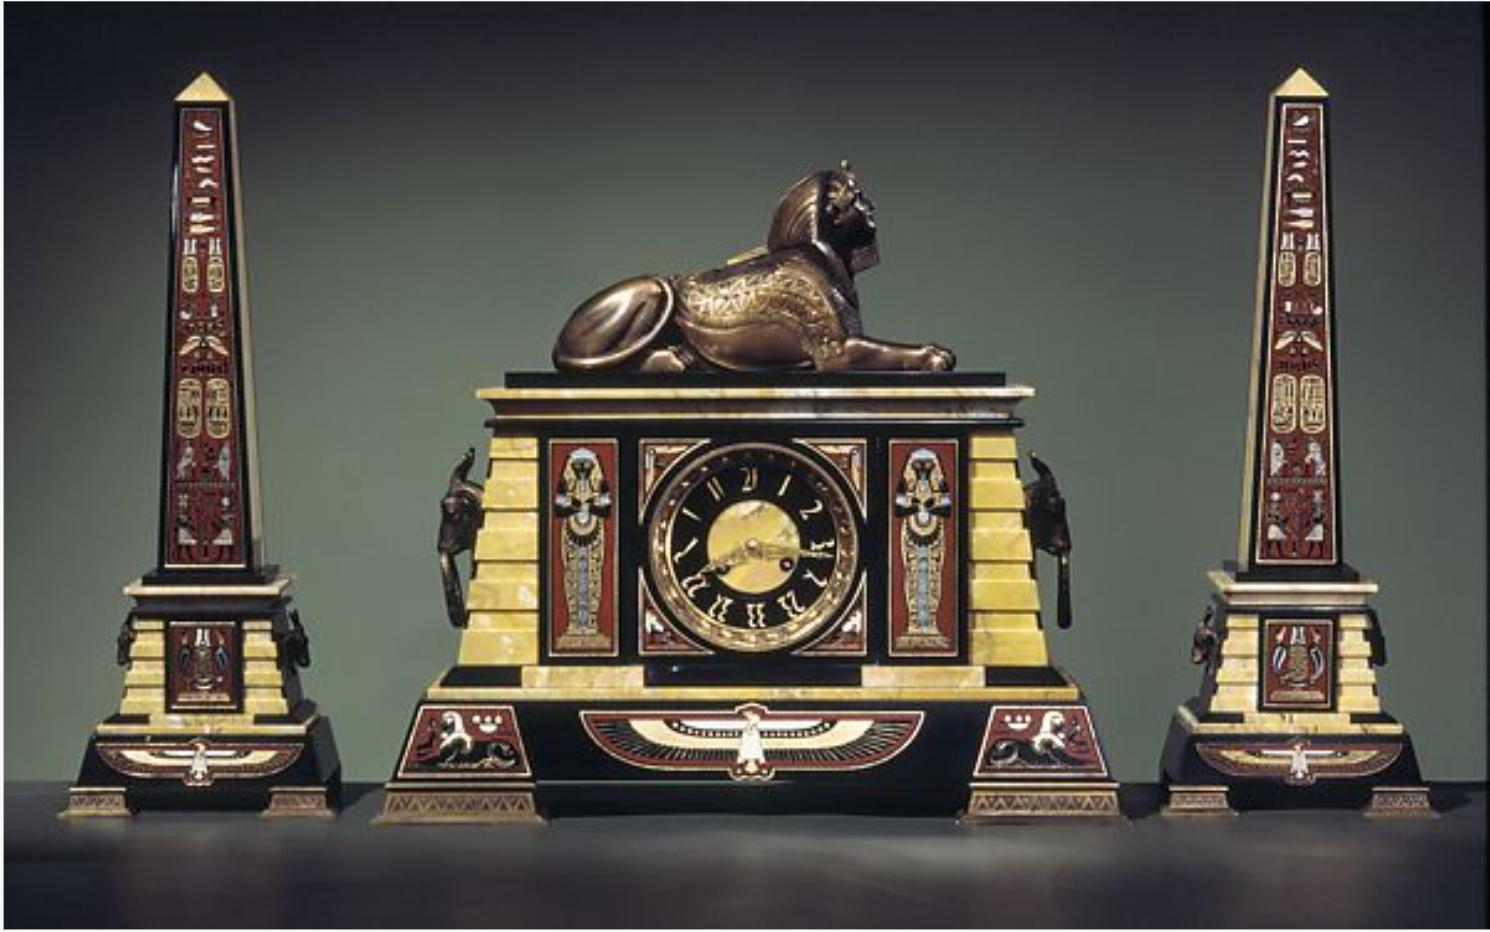 Clock ca. 1885, Tiffany & Co.